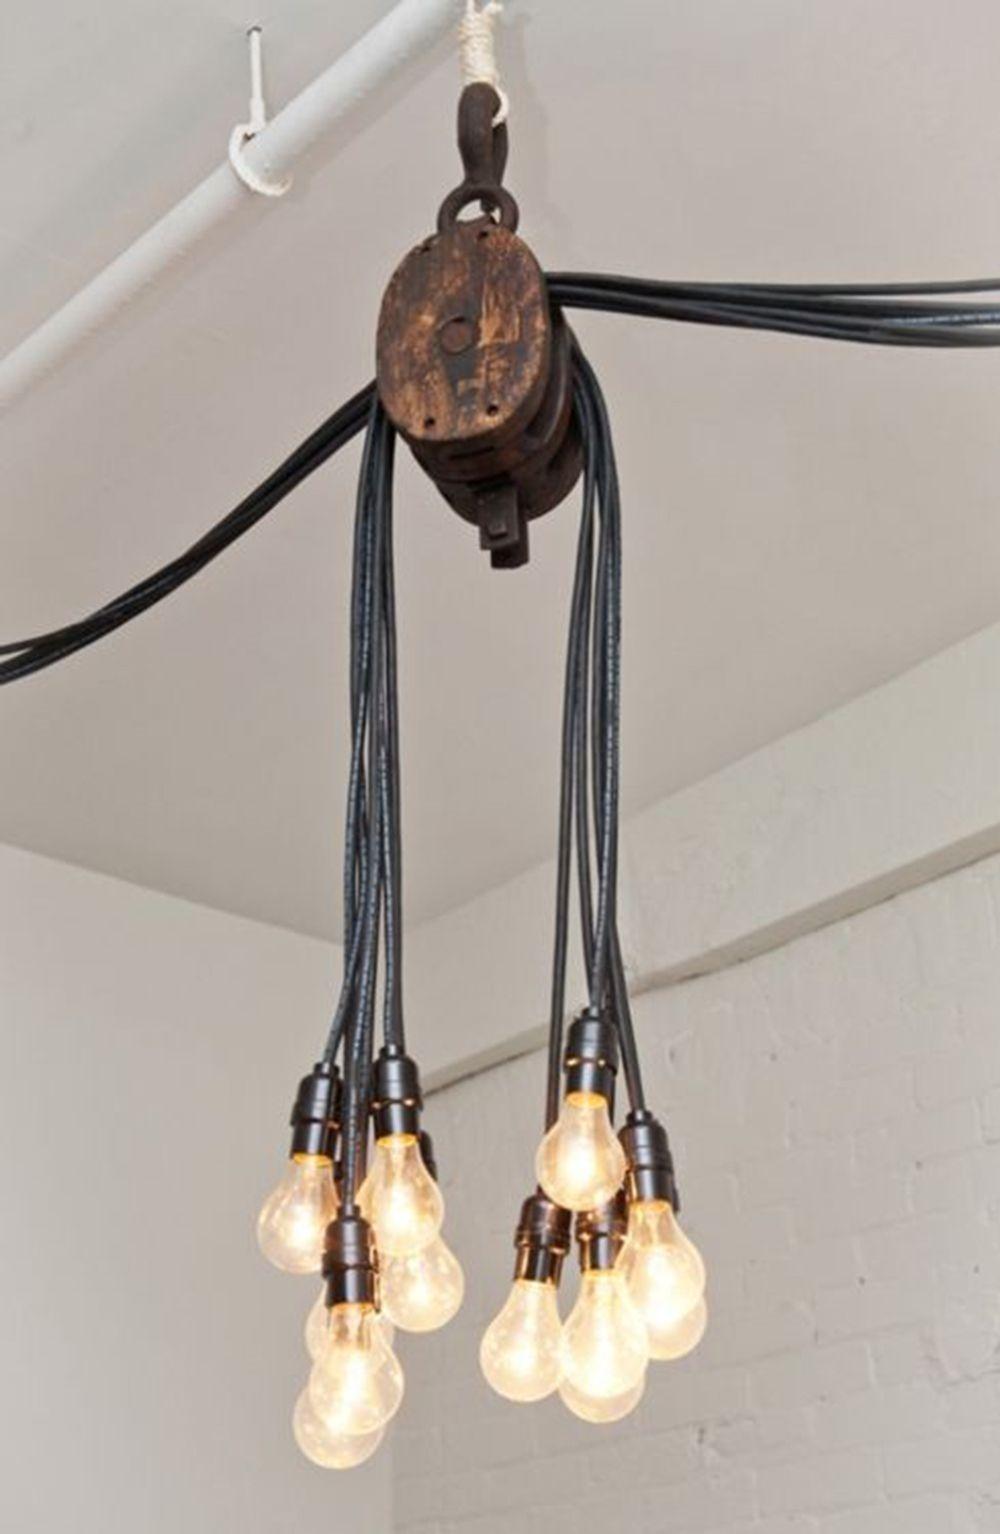 Diy Deko Aus Gluhbirnen 120 Bastelideen Fur Alten Gluhbirnen Beleuchtung Fur Zuhause Beleuchtungsideen Und Lampenaufhangung